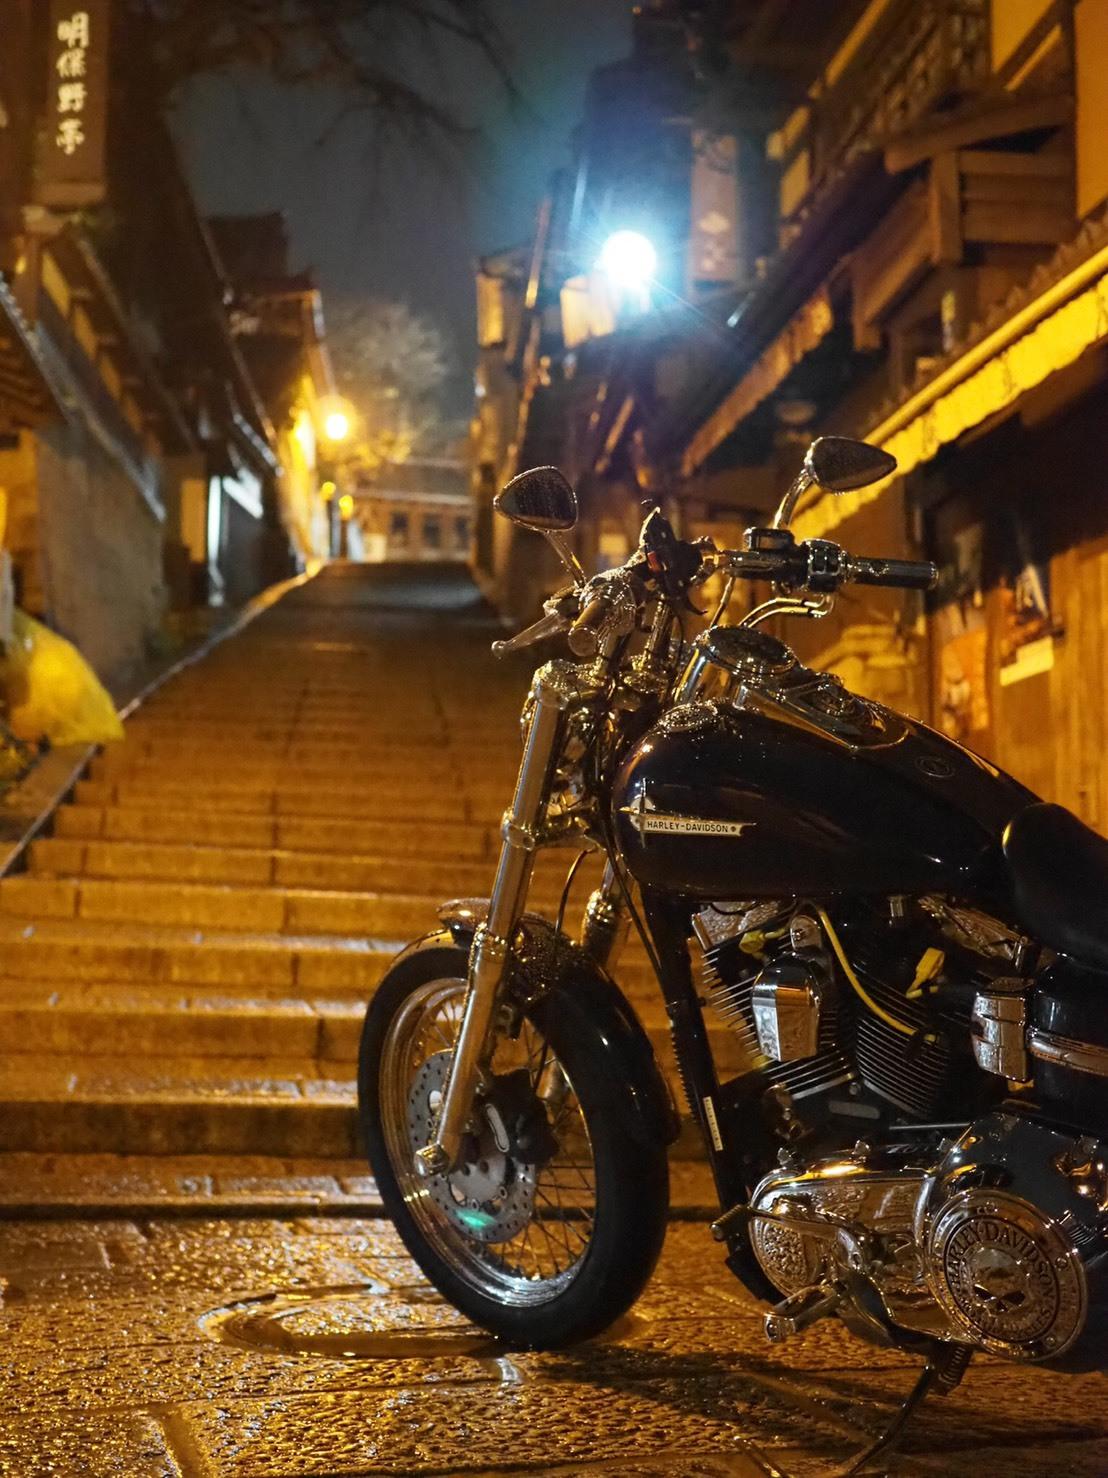 ぴーきちハーレーブログ 京都ナイトツーリング 三年坂 産寧坂 夜景 階段 雨